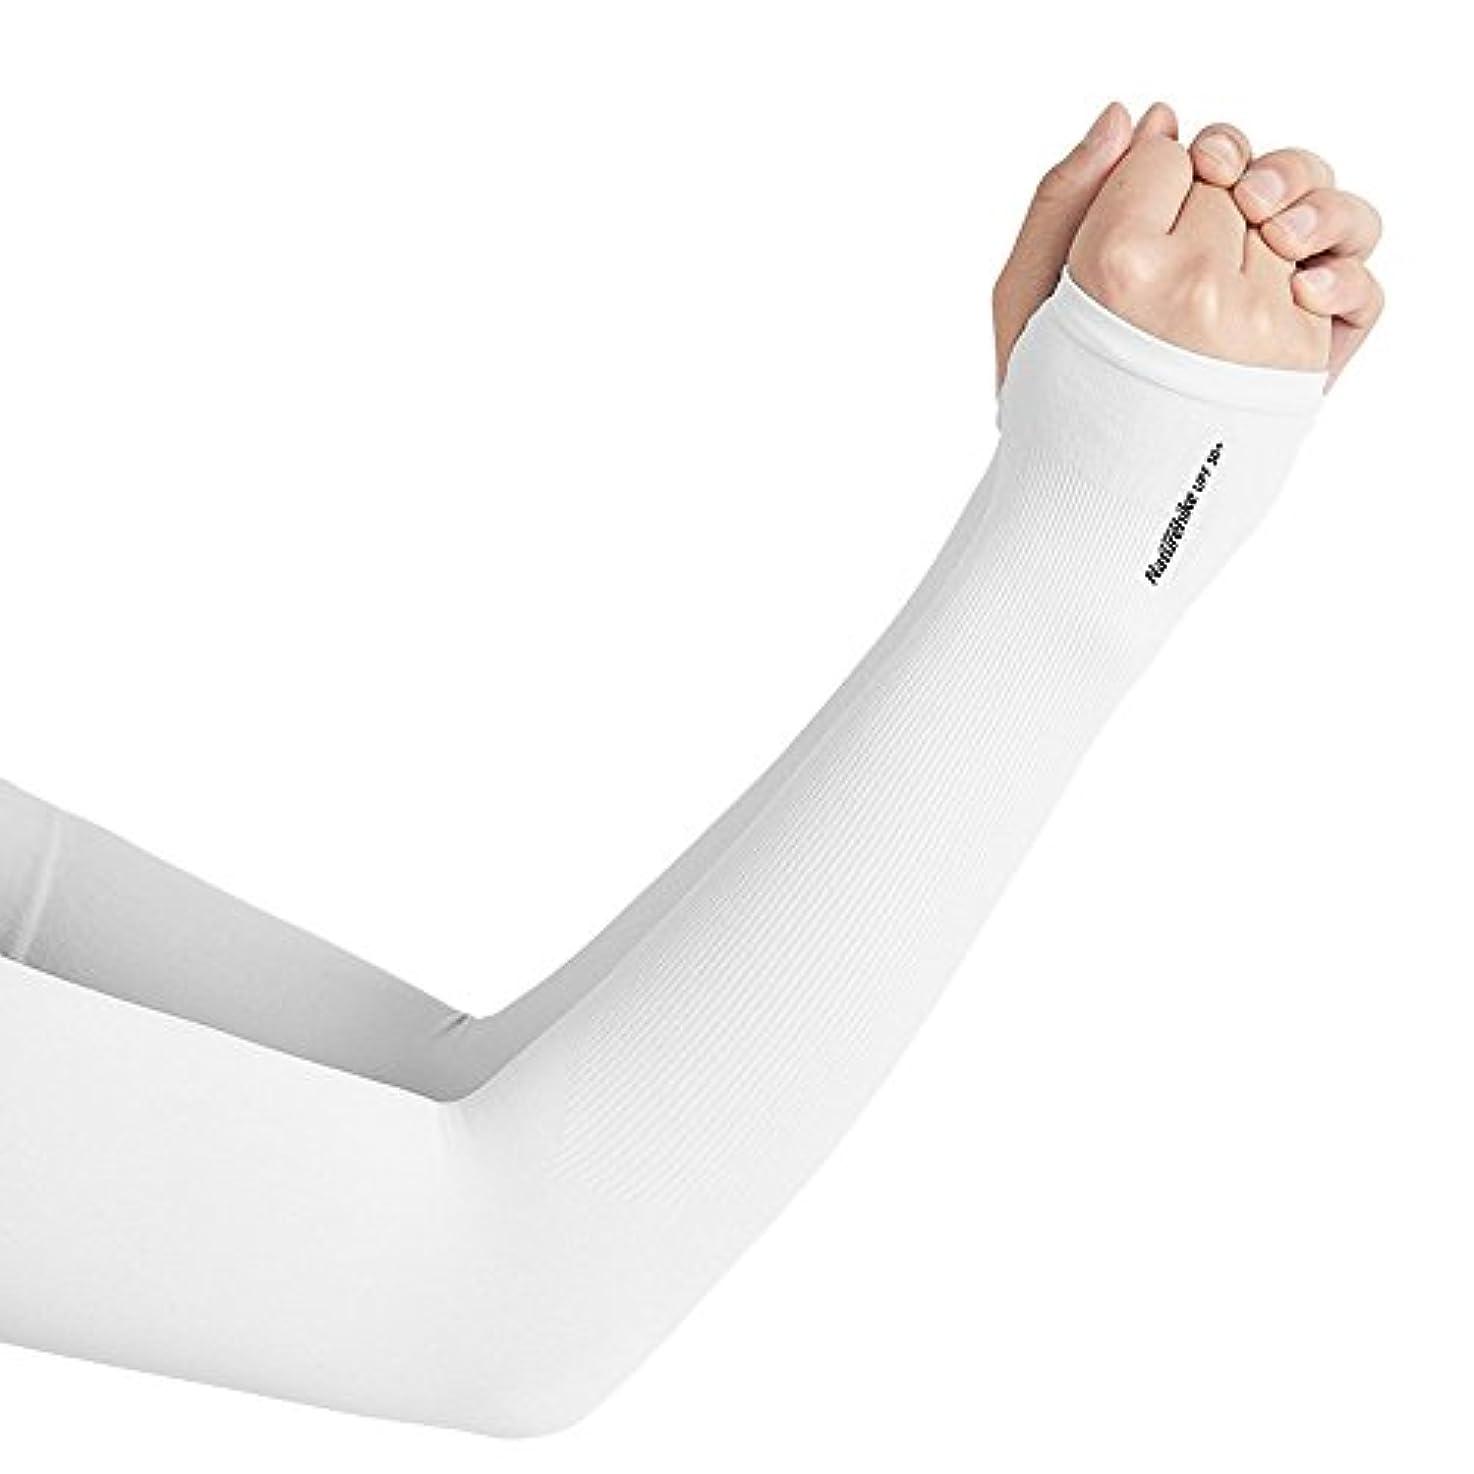 なくなる刺す物理的なTentock アームカバー 腕カバー 日焼け止め UPF50+ 紫外線防止 冷感 吸汗 速乾 UVカット 男女兼用 指穴あり 自転車、運転、ゴルフ、釣り、バスケットボール、フットボール、アウトドアアクティビティ